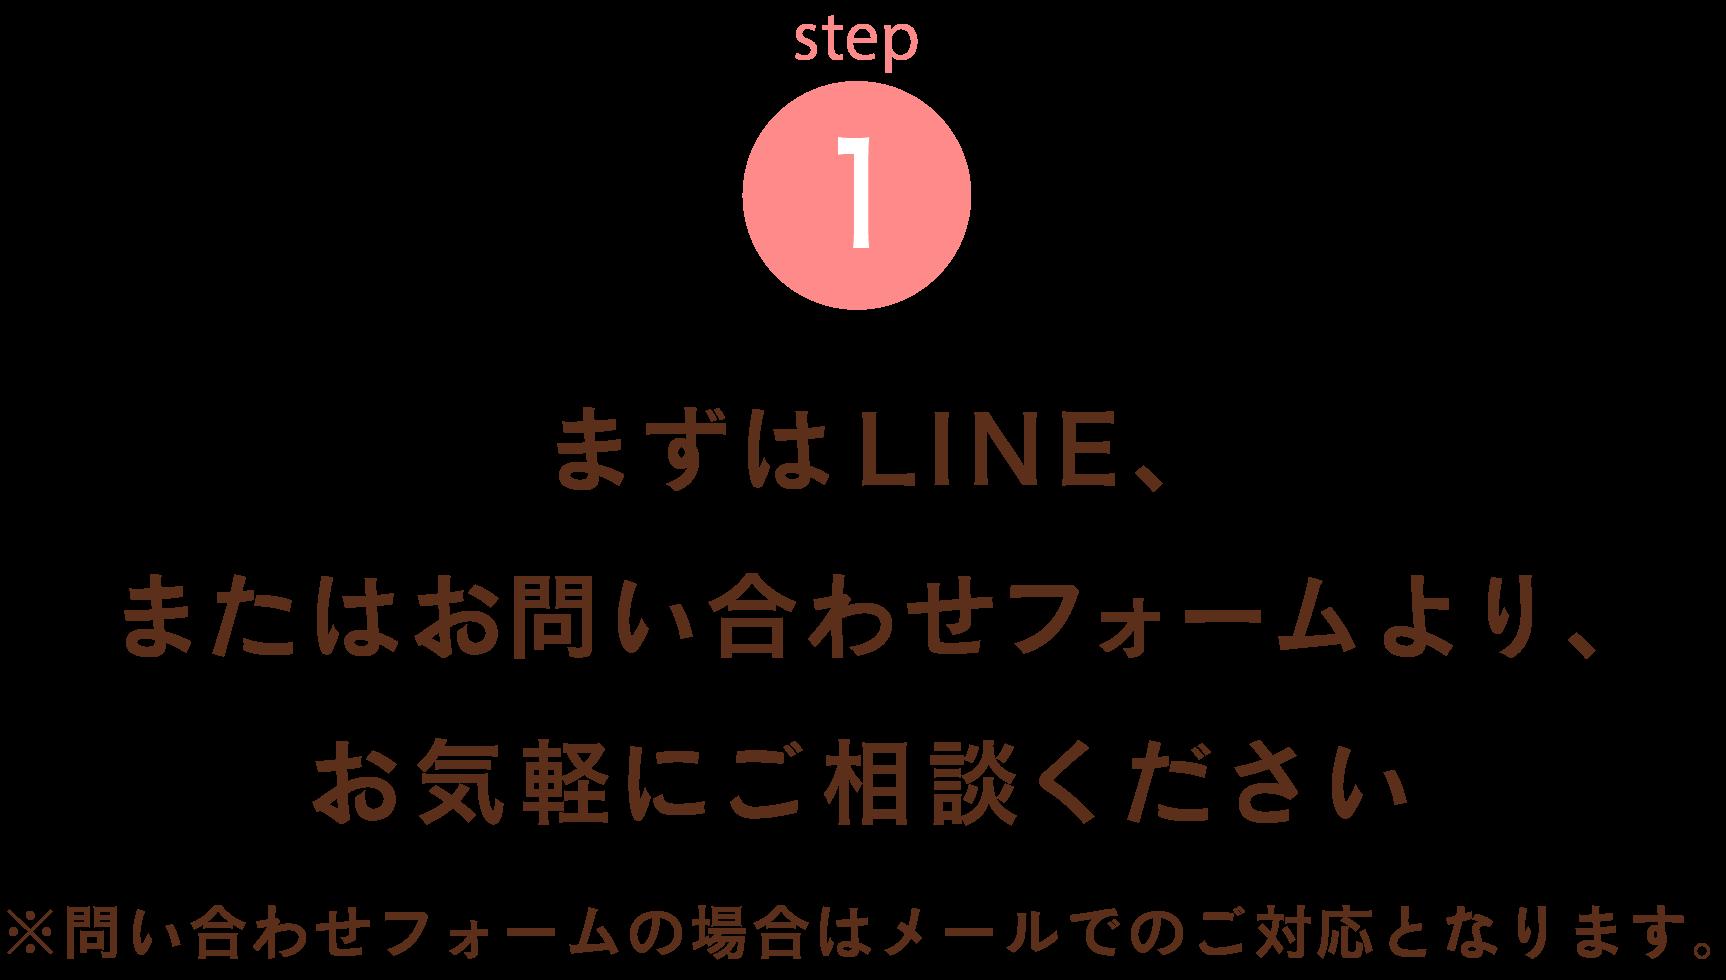 まずはLINE、またはお問い合わせフォームより、お気軽にご相談ください。